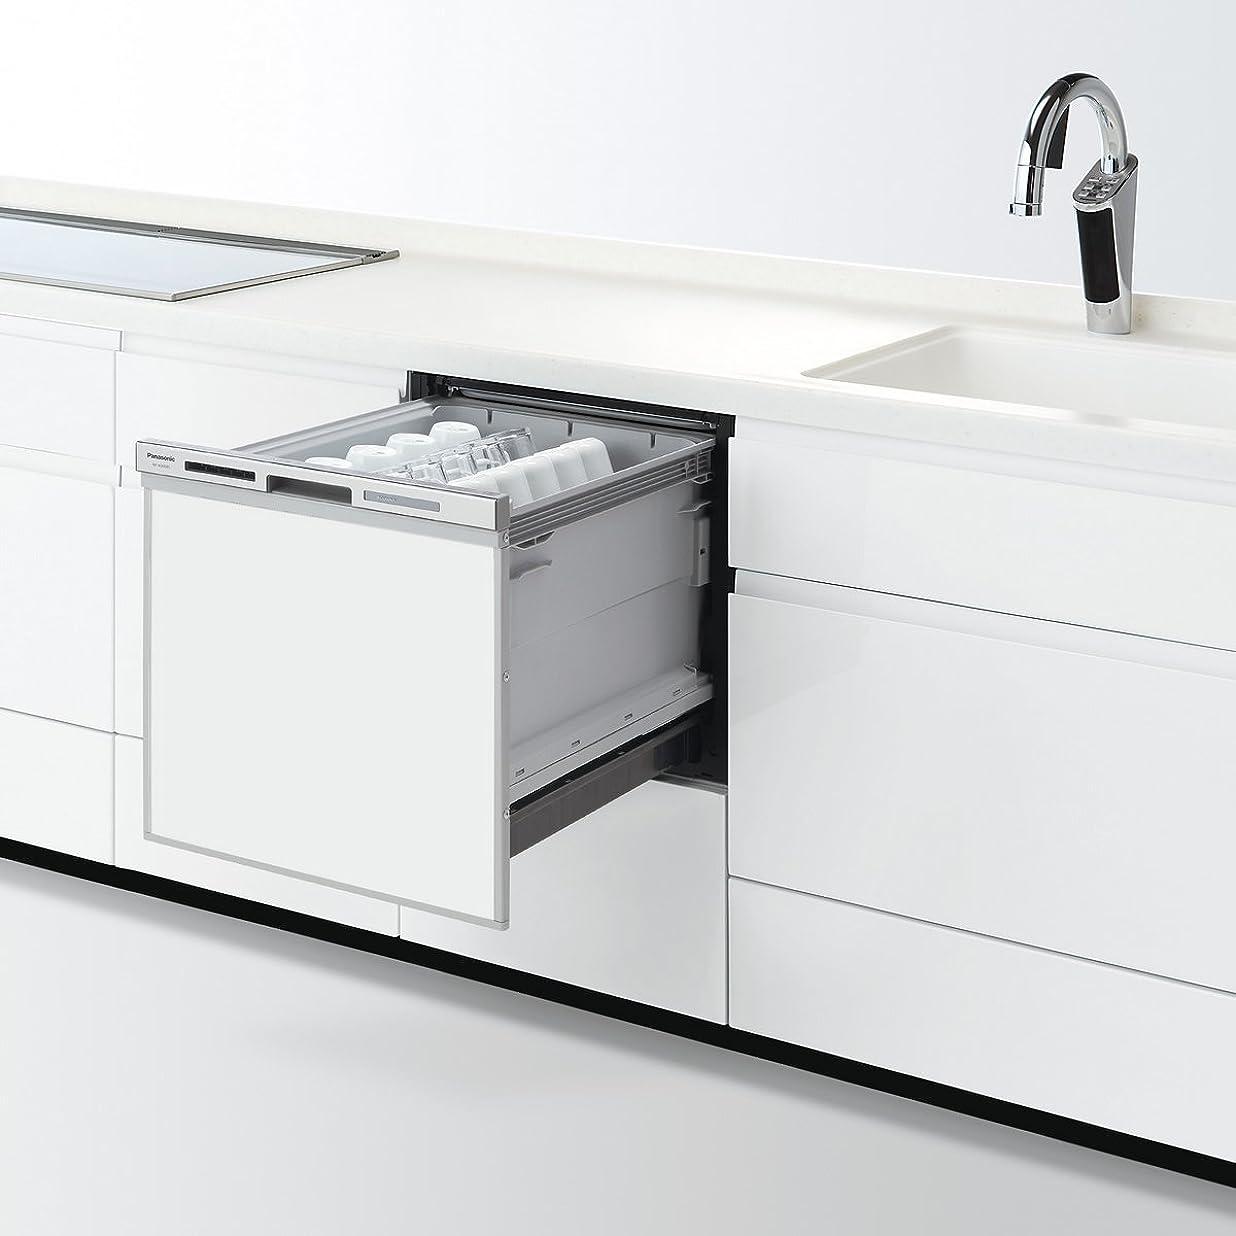 費やすステージ魅力的であることへのアピールパナソニック Panasonic ビルトイン食器洗い乾燥機 NP-45MS8S 幅45cm M8シリーズ NP-45MS7S後継品 カラー:シルバー 食洗機